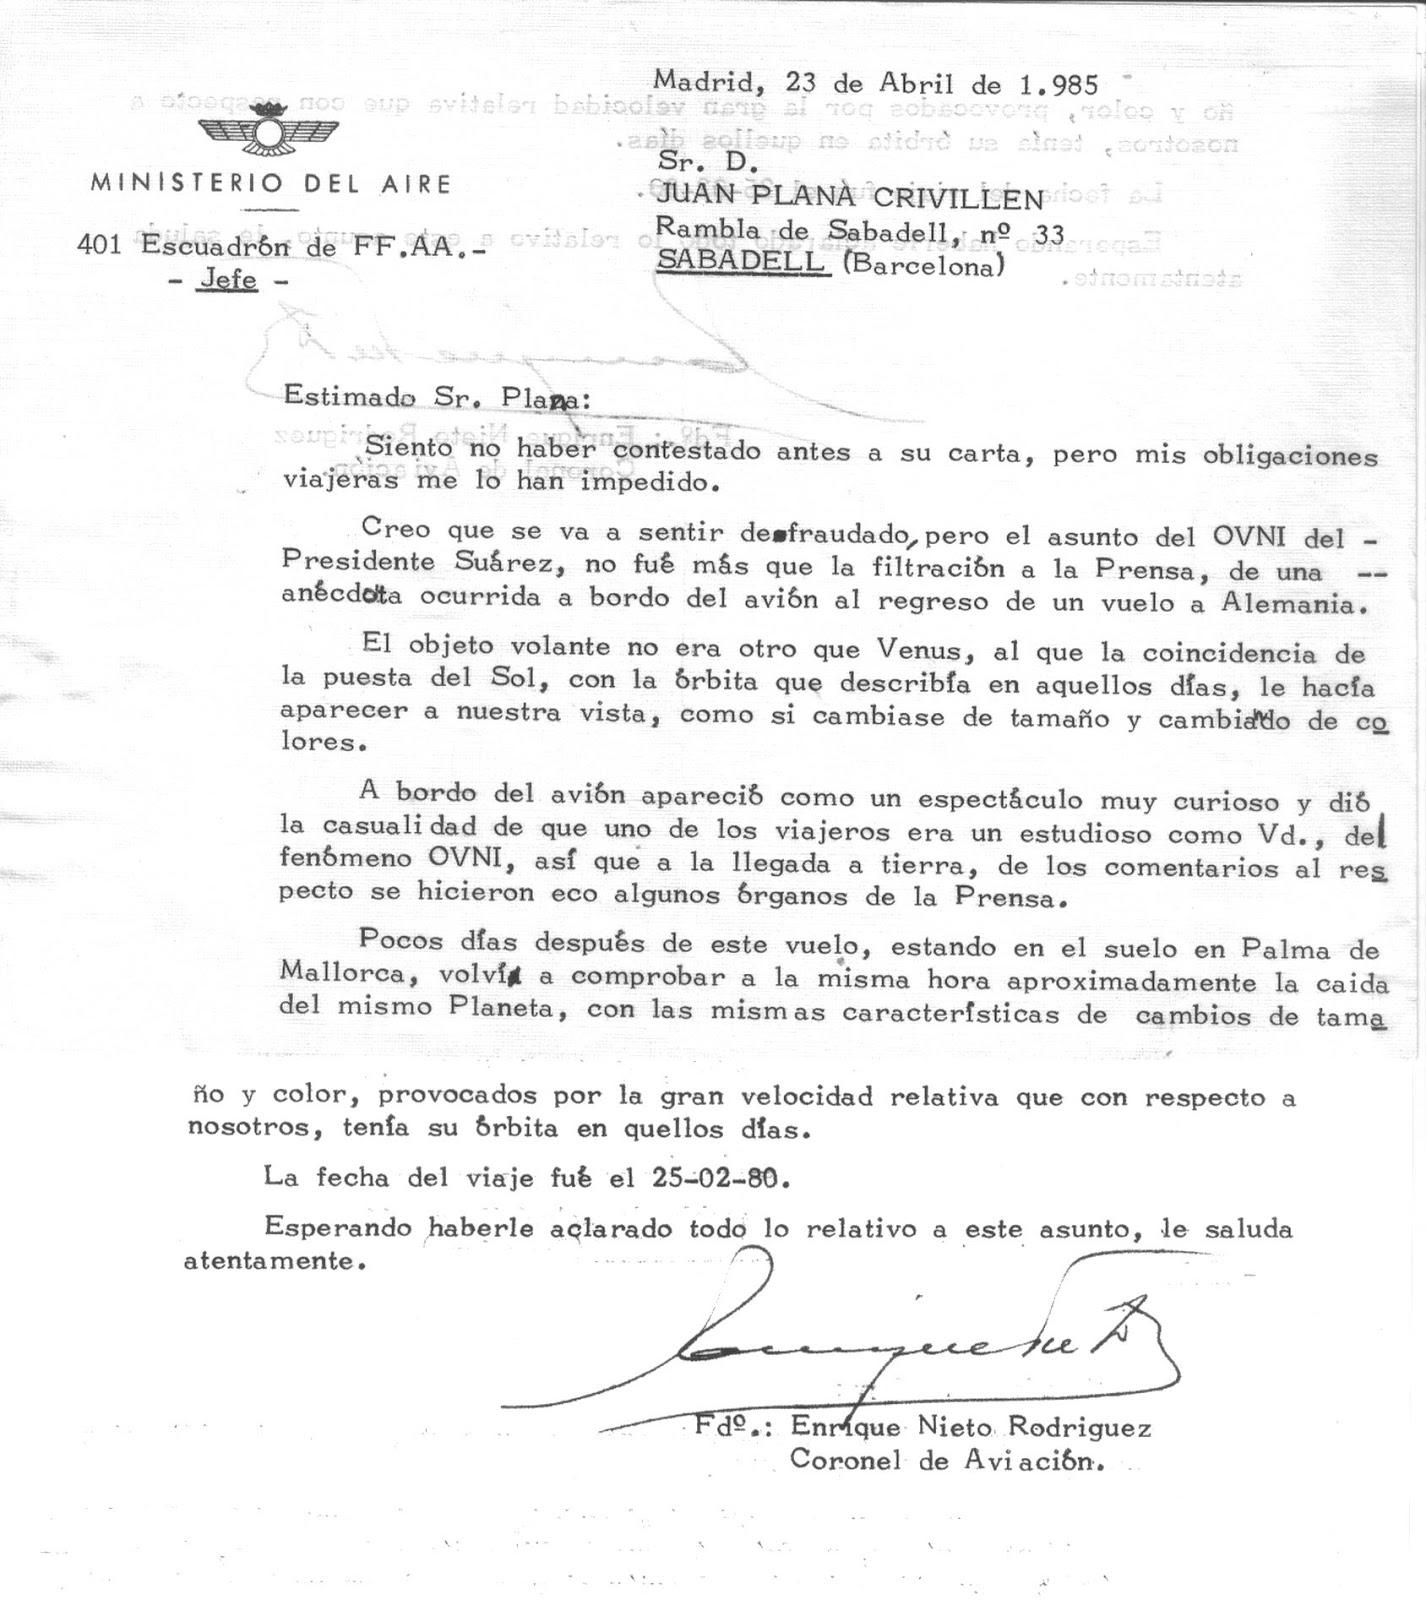 descripción del avistamiento del coronel Nieto